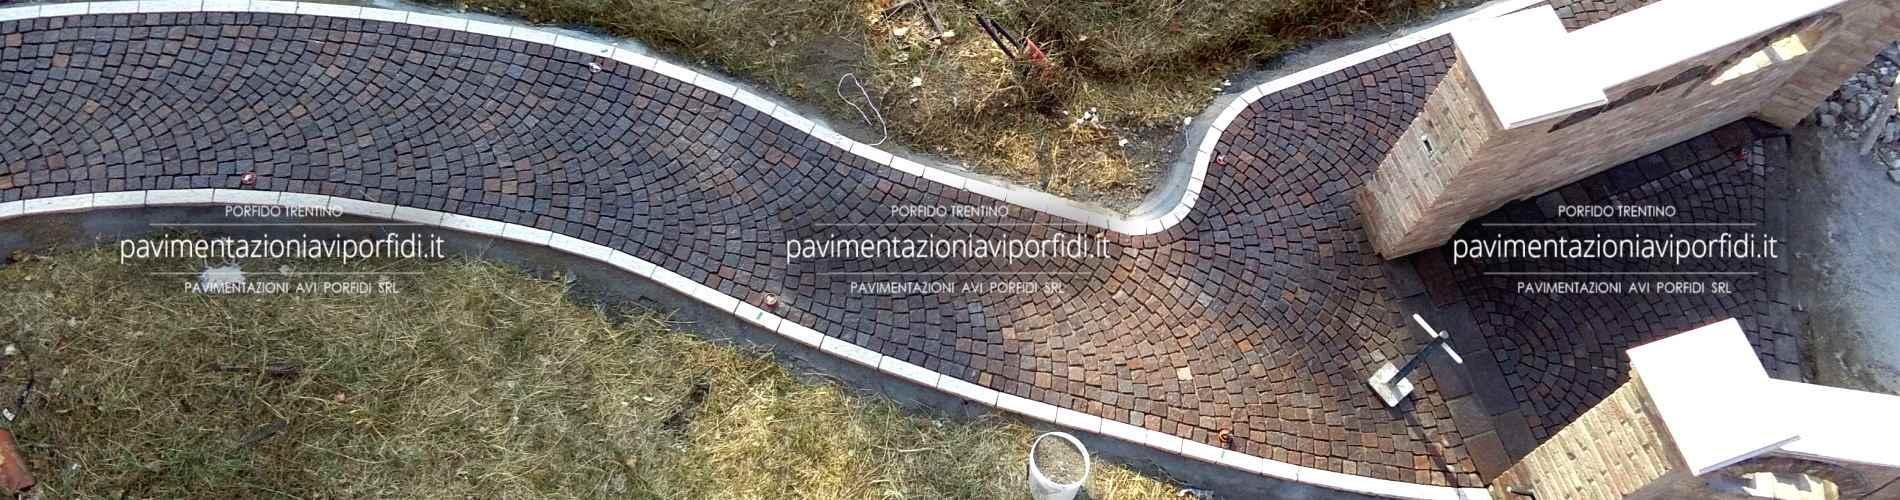 Pavimenti per esterni soluzioni in porfido per la tua casa for Soluzioni per esterni